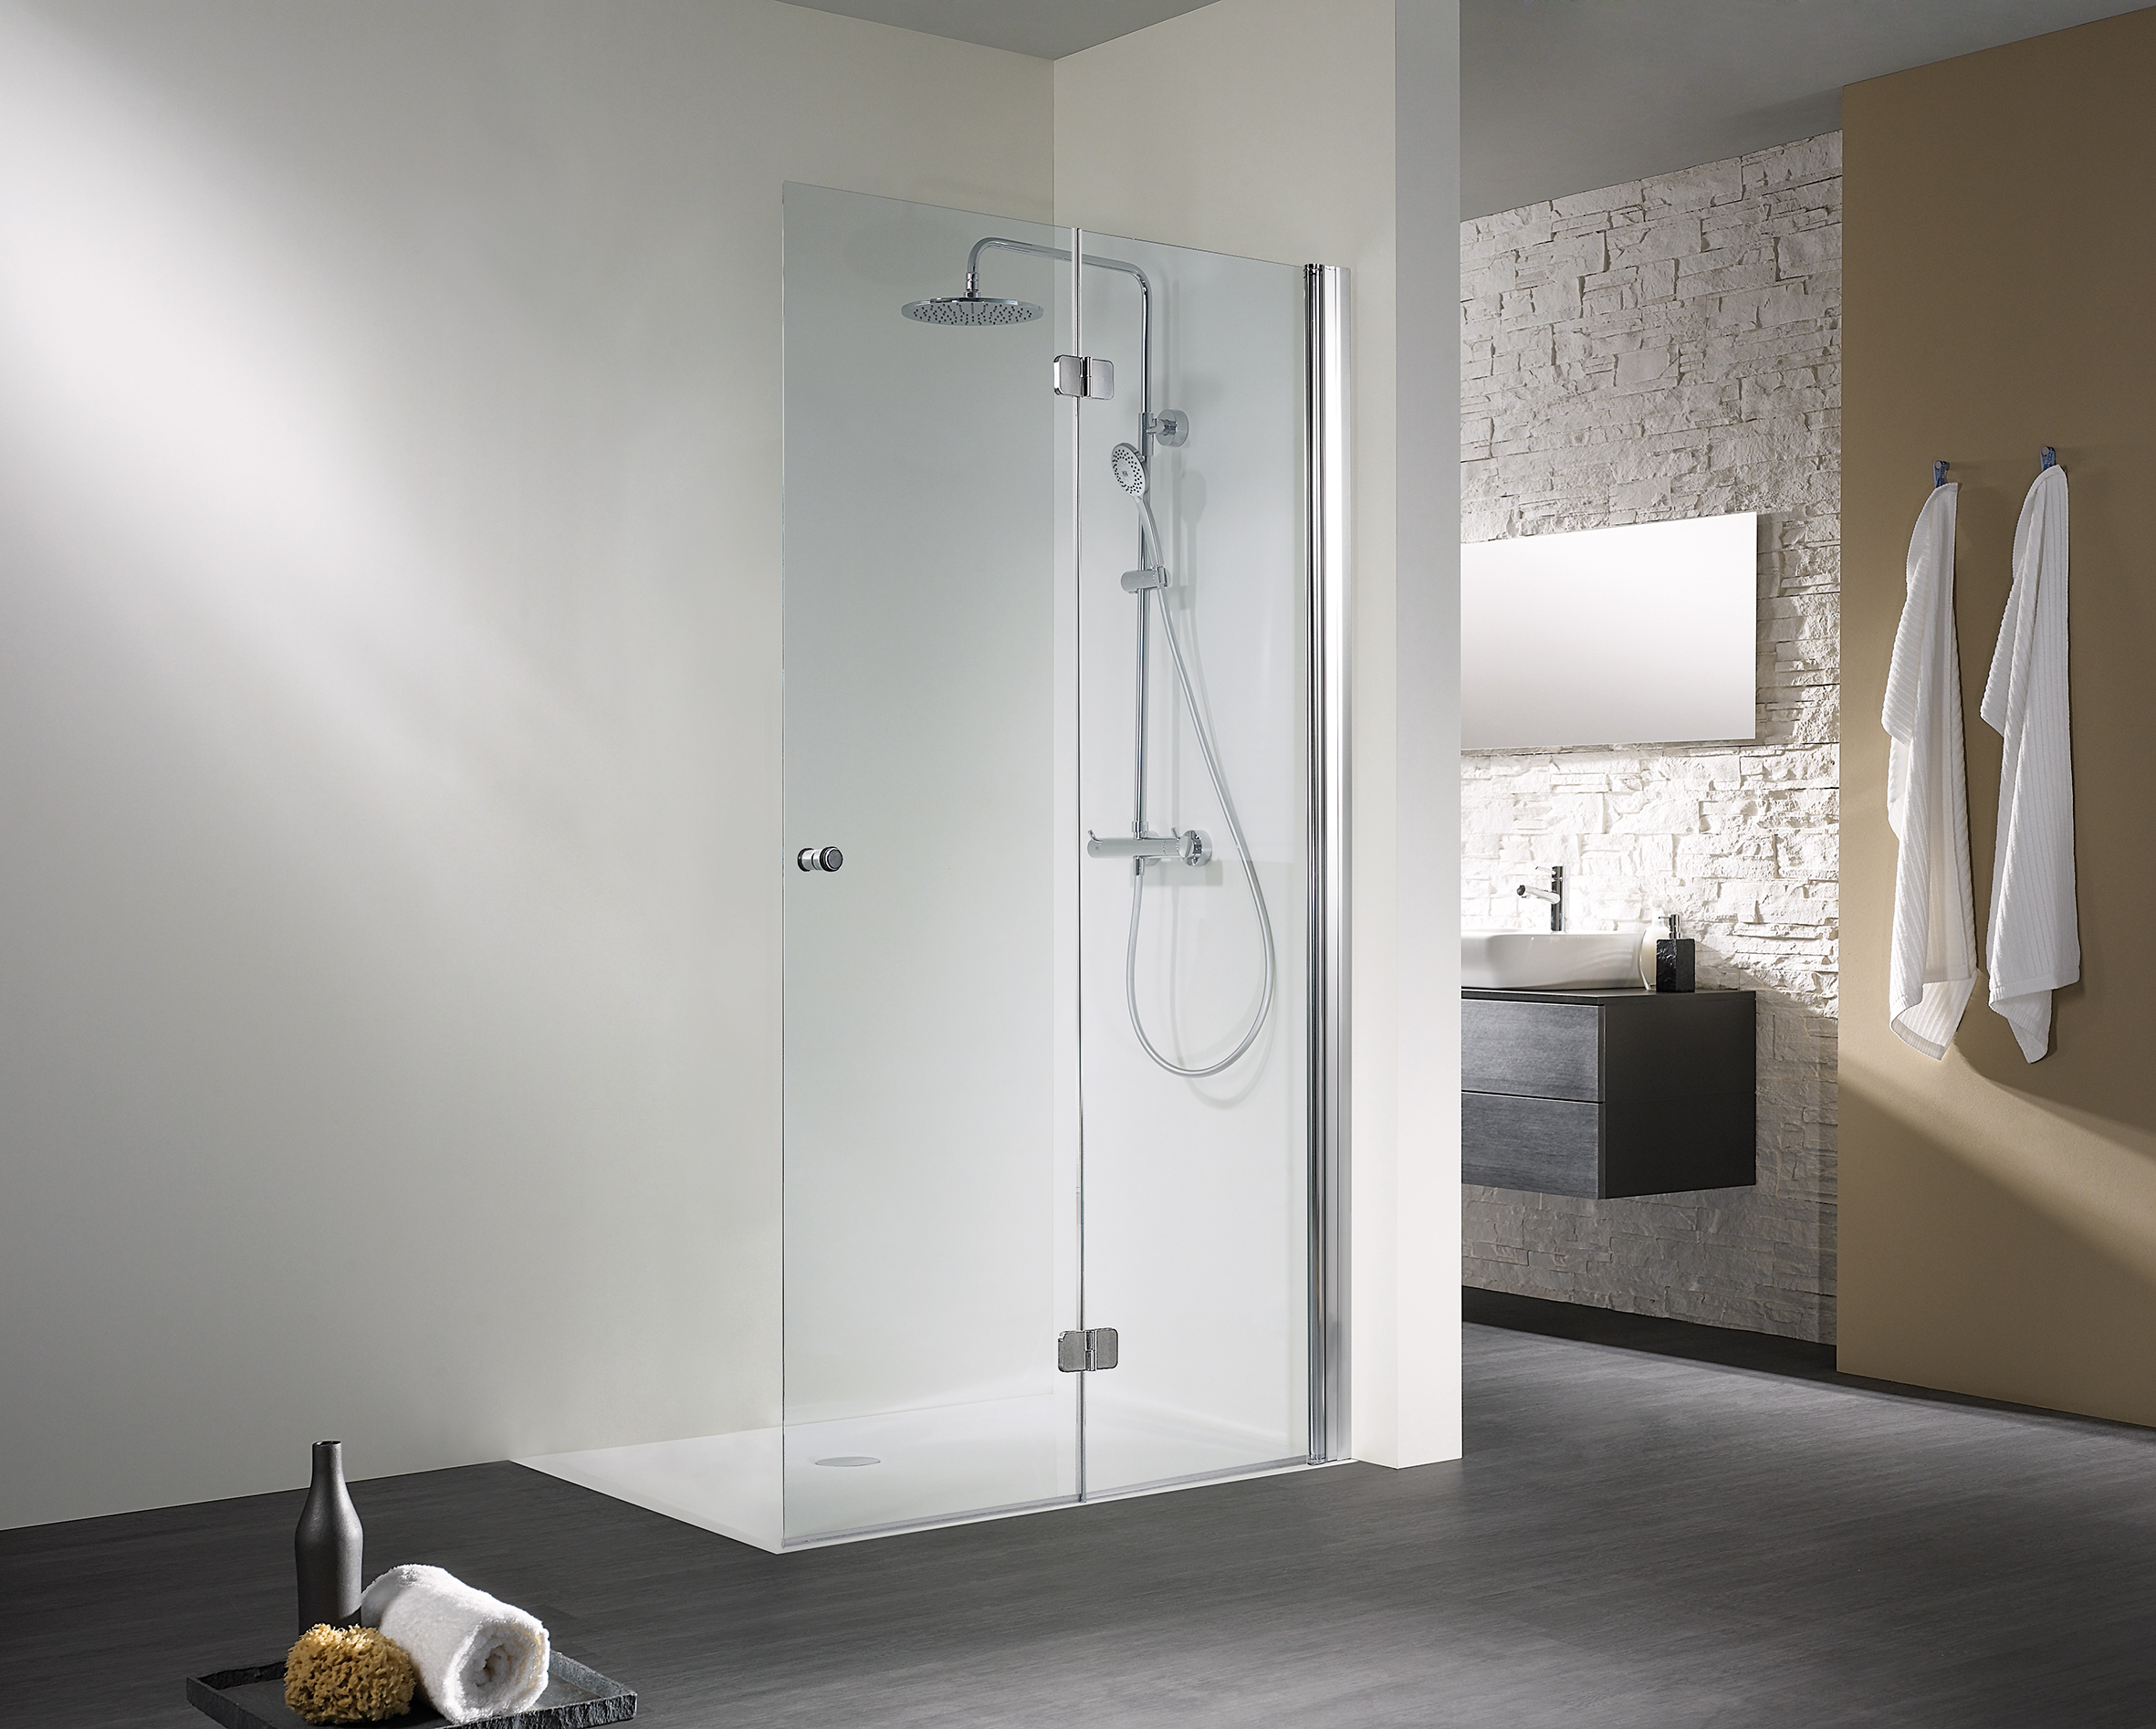 Full Size of Moderne Duschen Hsk Kaufen Sprinz Breuer Hüppe Begehbare Bodengleiche Schulte Werksverkauf Dusche Hsk Duschen